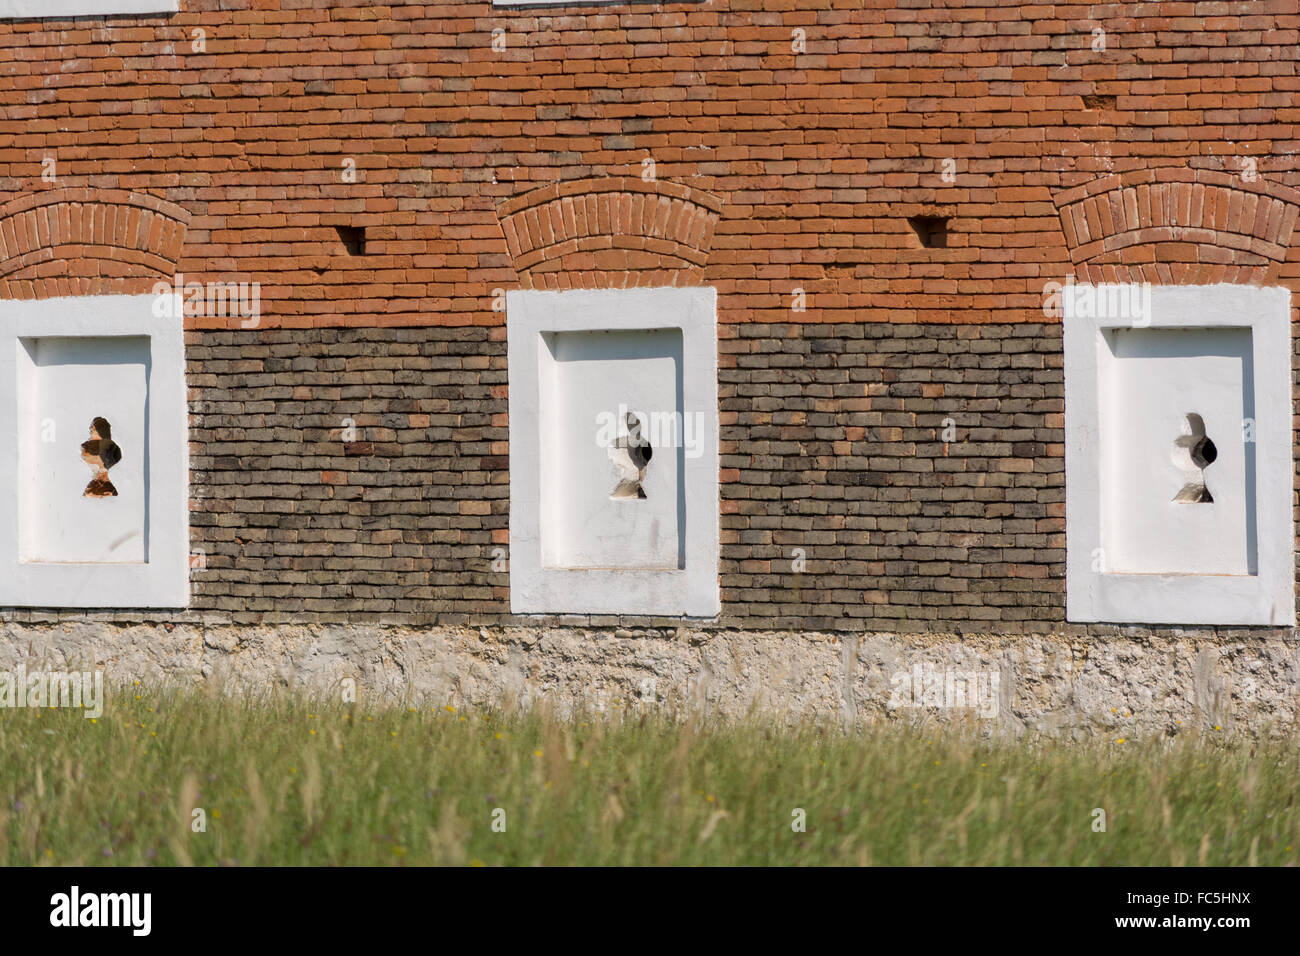 Mauer   Dekoratives Fensterfassaden